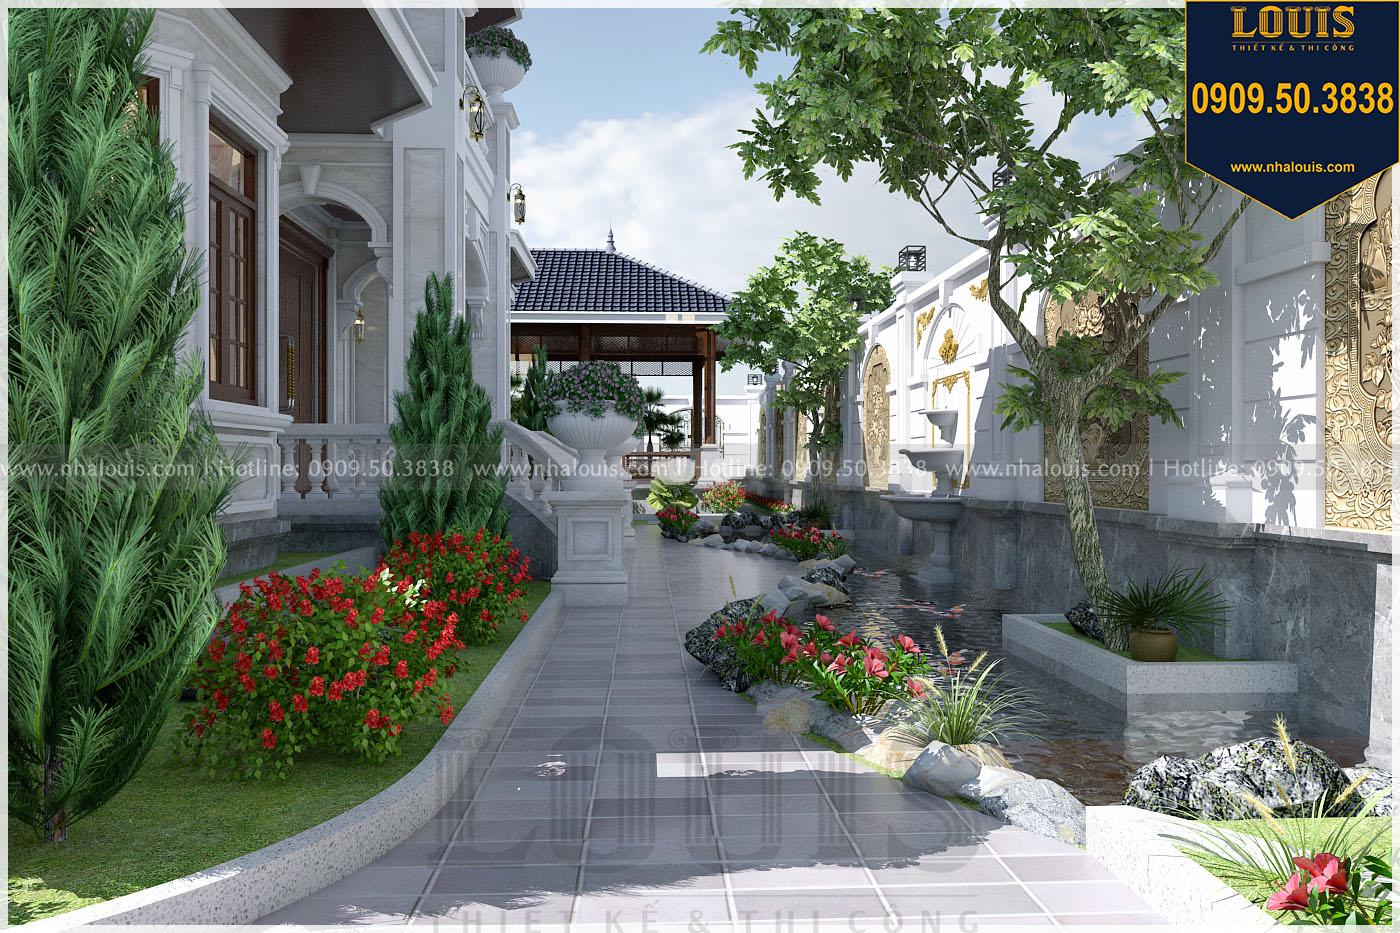 Sân vườn biệt thự hiện đại kiểu Nhật ở Bình Dương